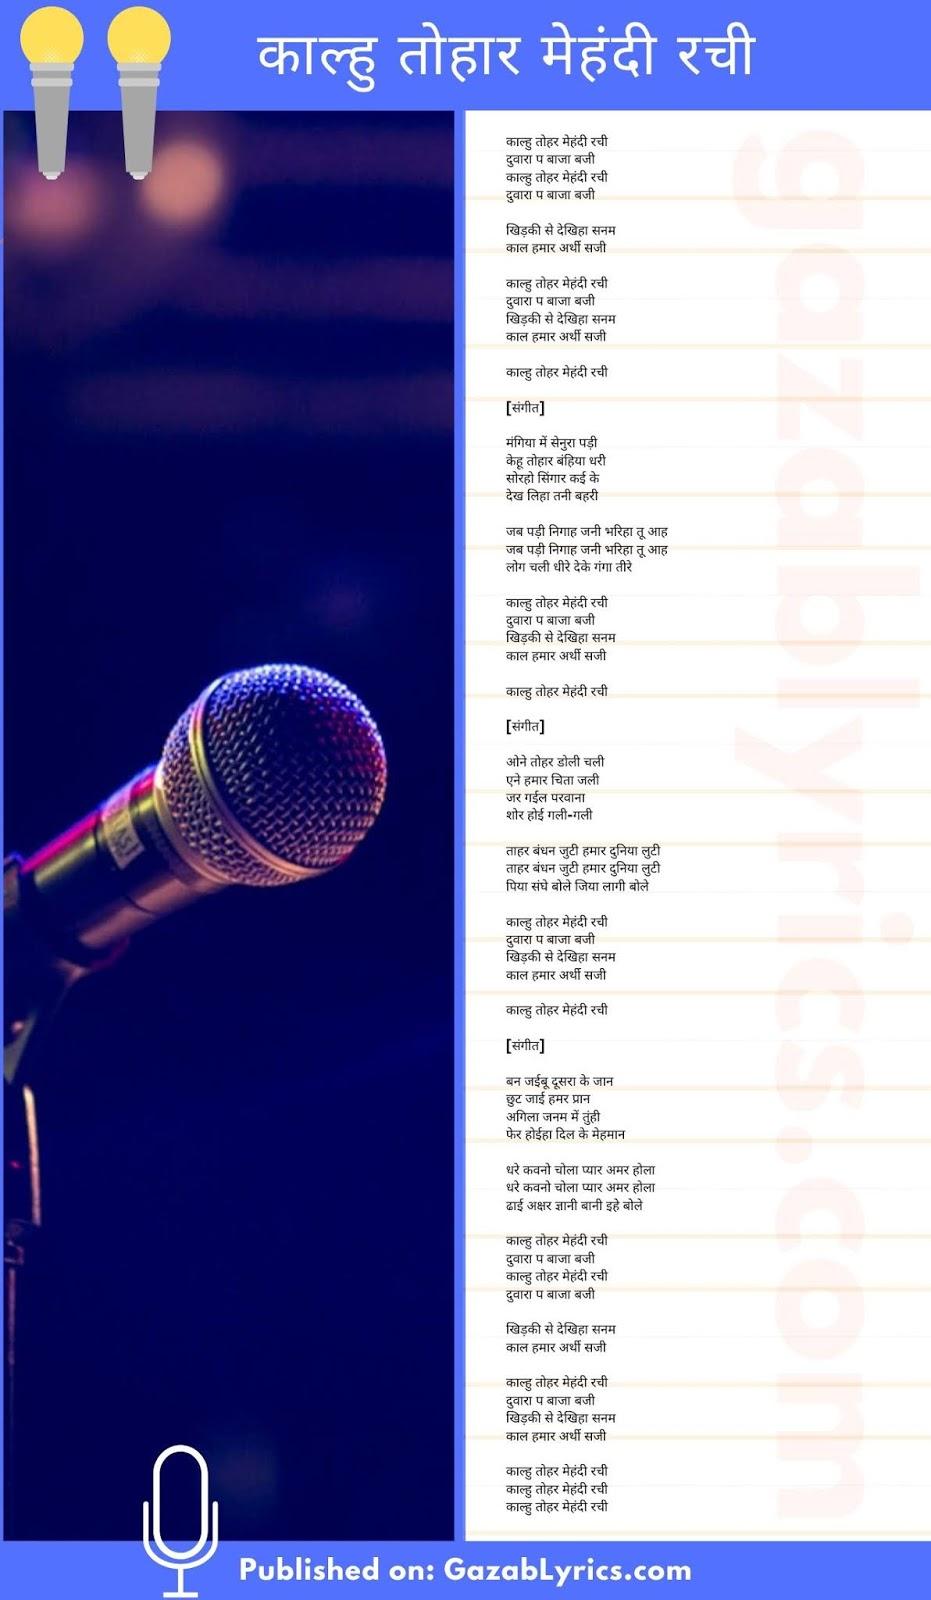 Kalhu Tohar Mehandi Rachi song lyrics image